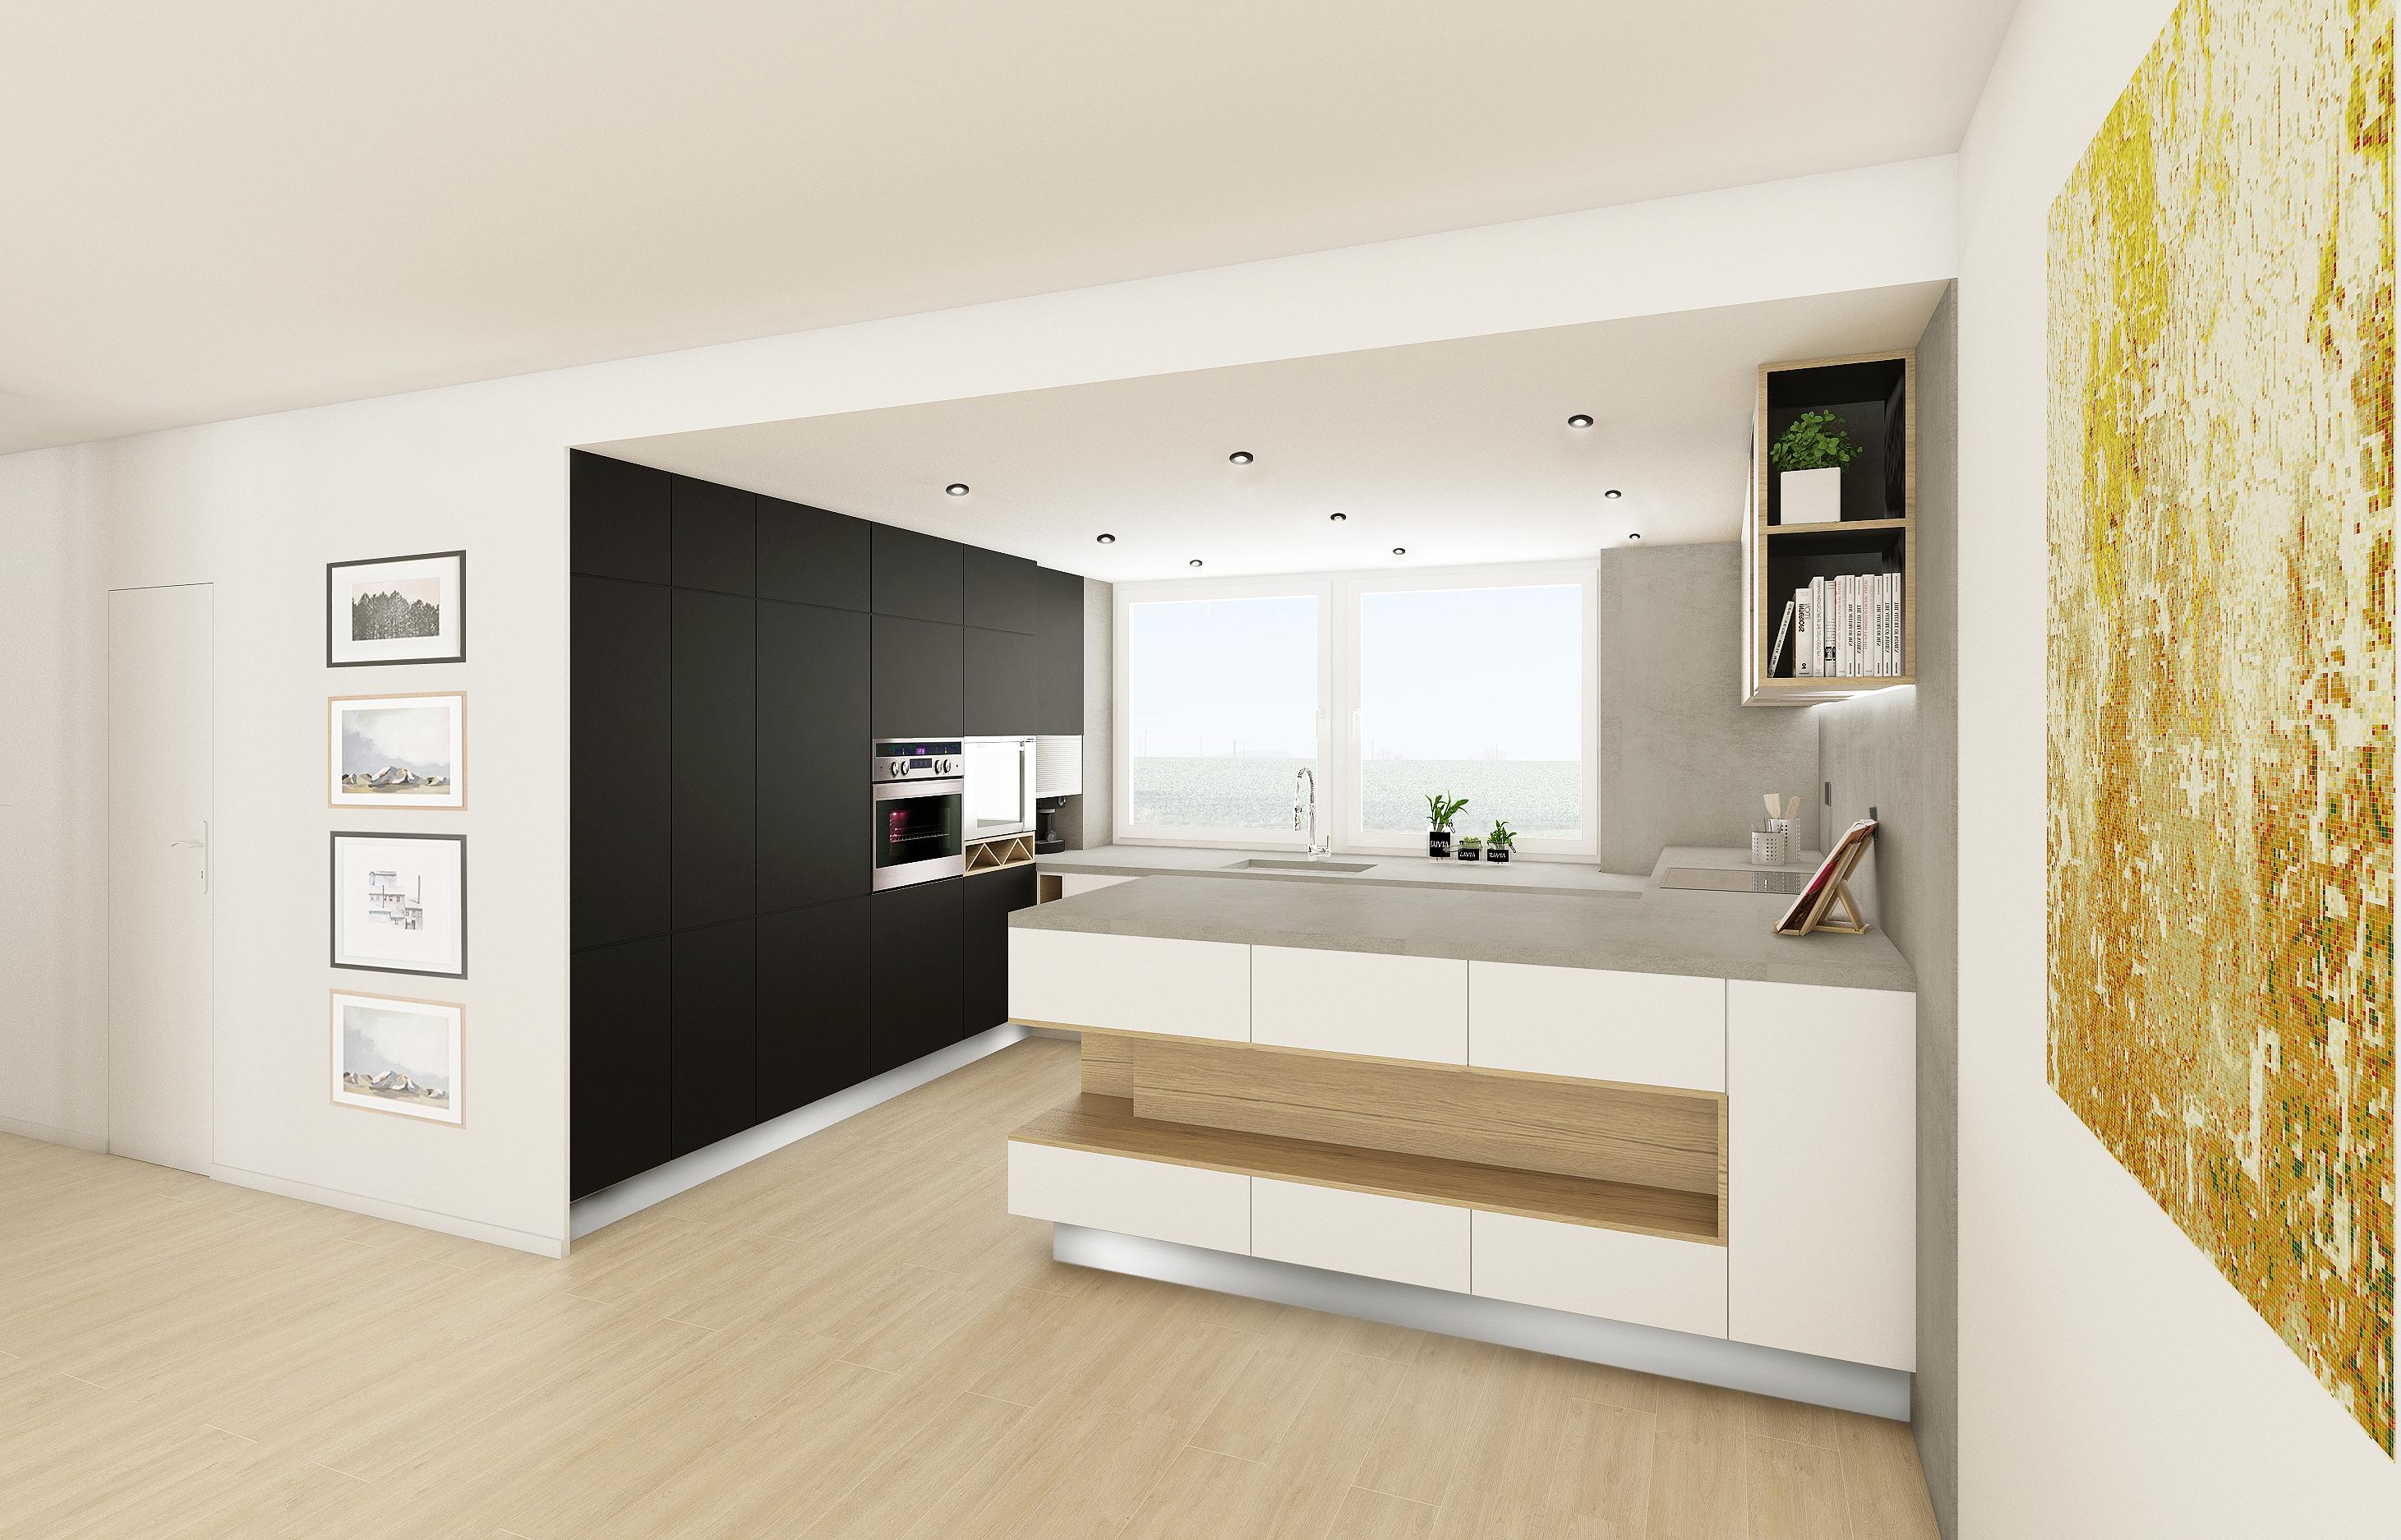 Návrh interiéru kuchyně, Slovensko